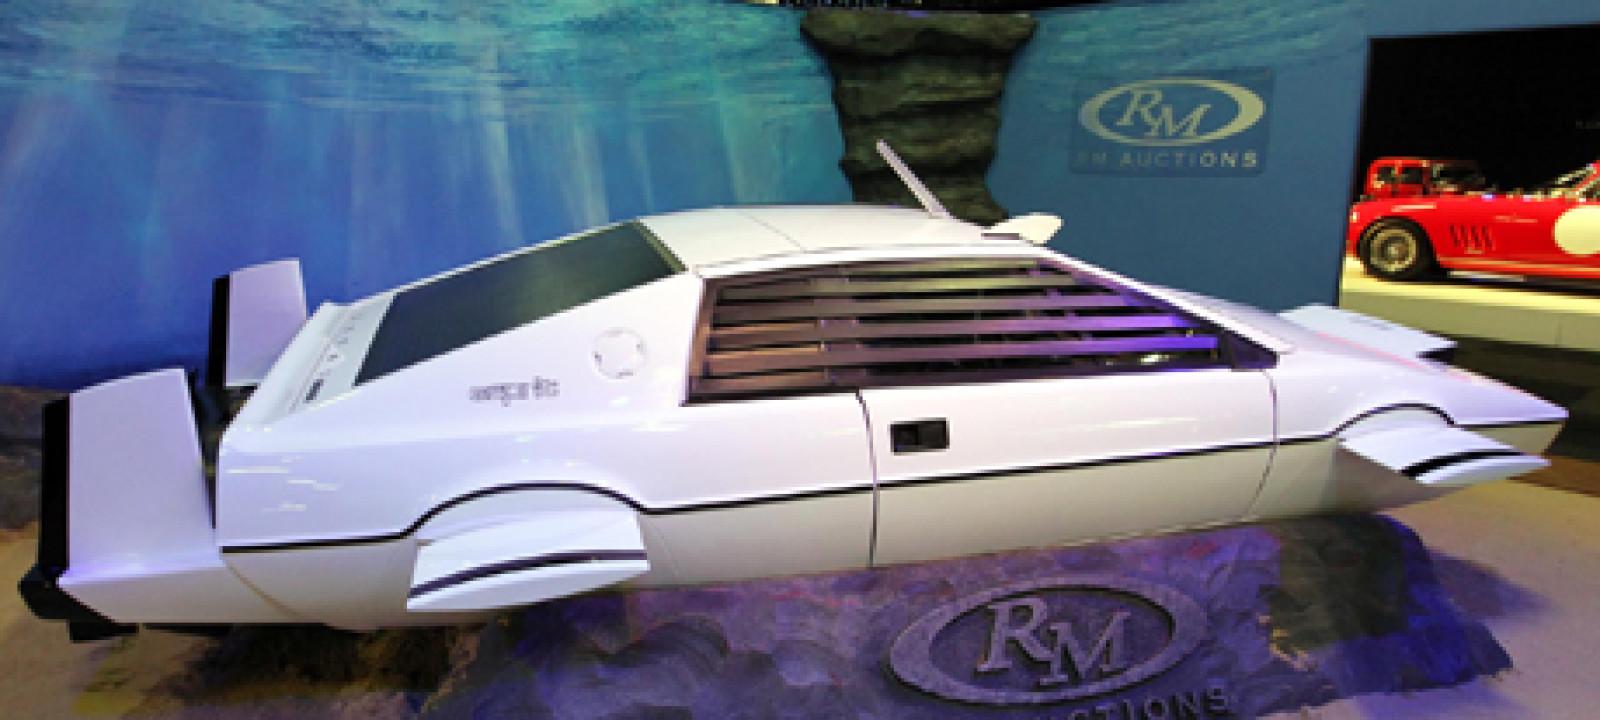 James Bond car auction